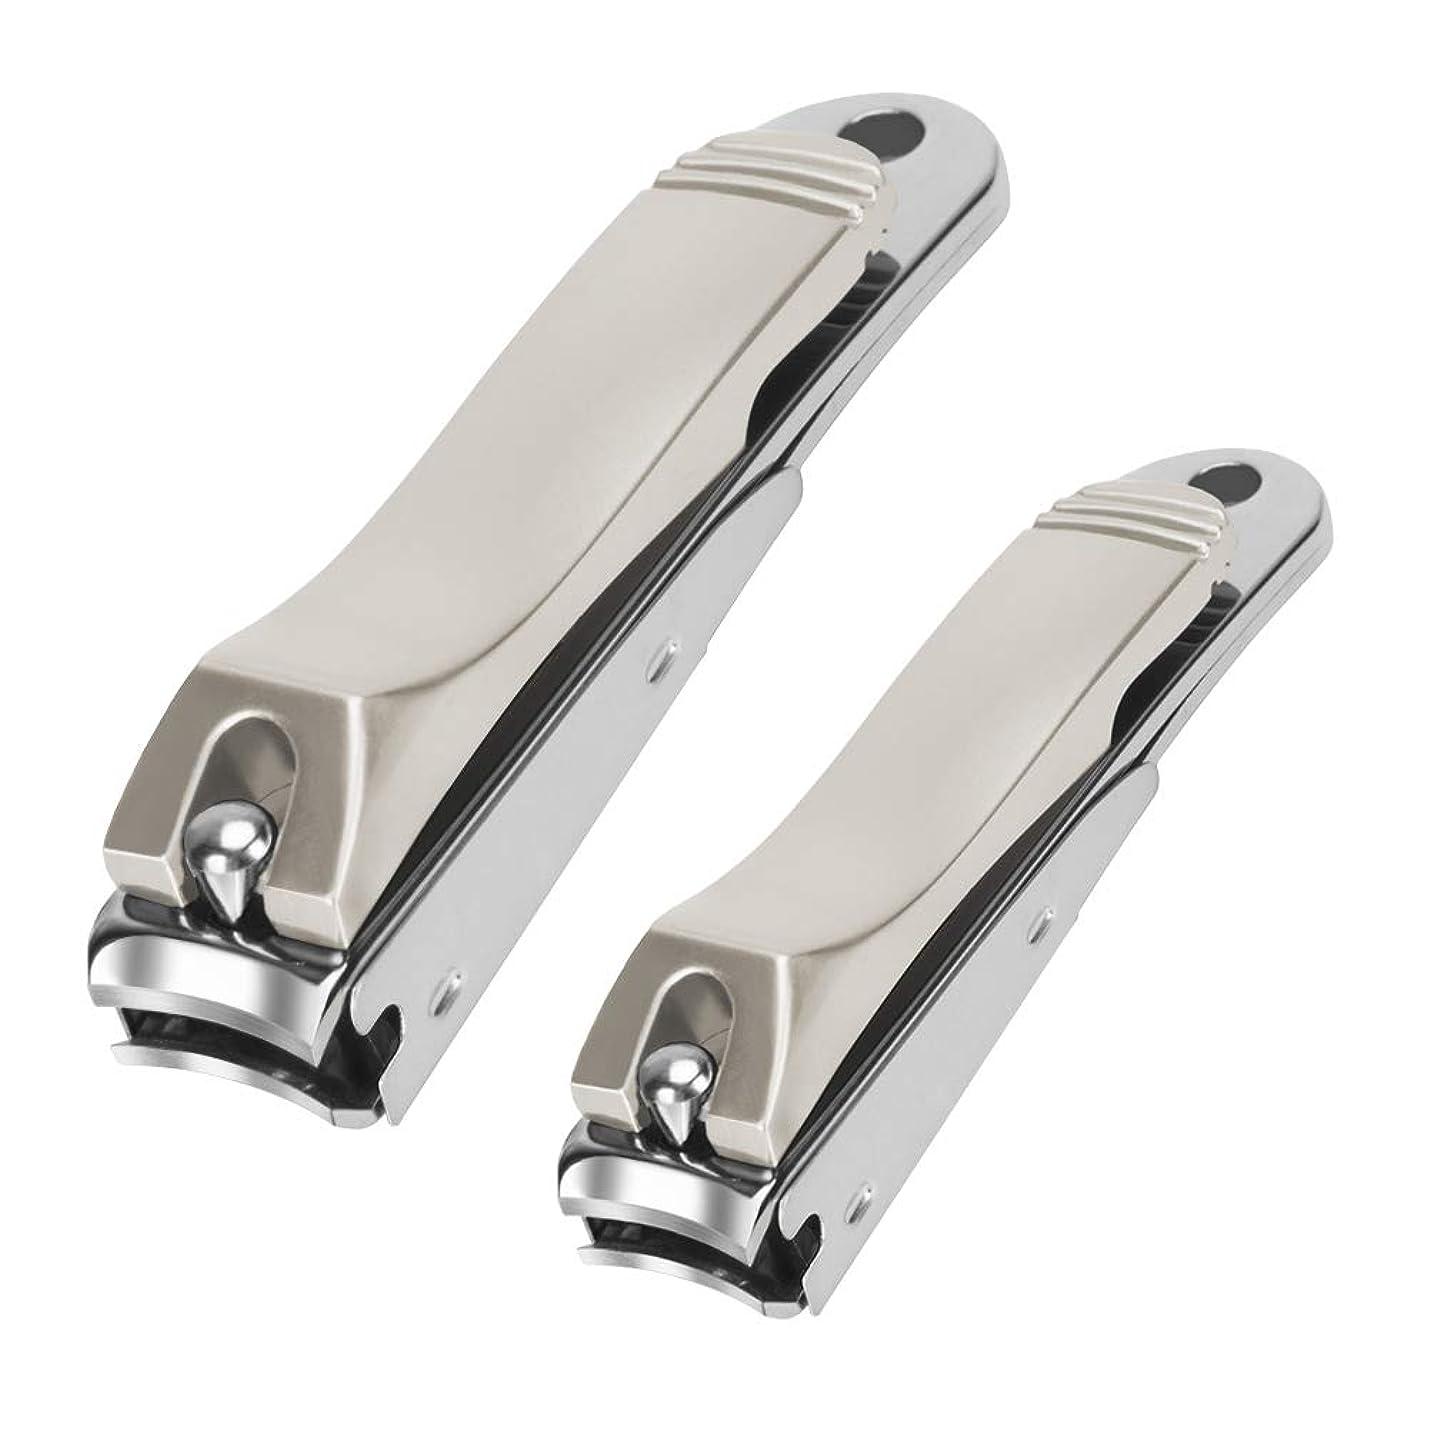 誕生日憂鬱質素なQpai爪切り カバー付き ステンレス鋼製 爪やすり付き 飛び散り防止